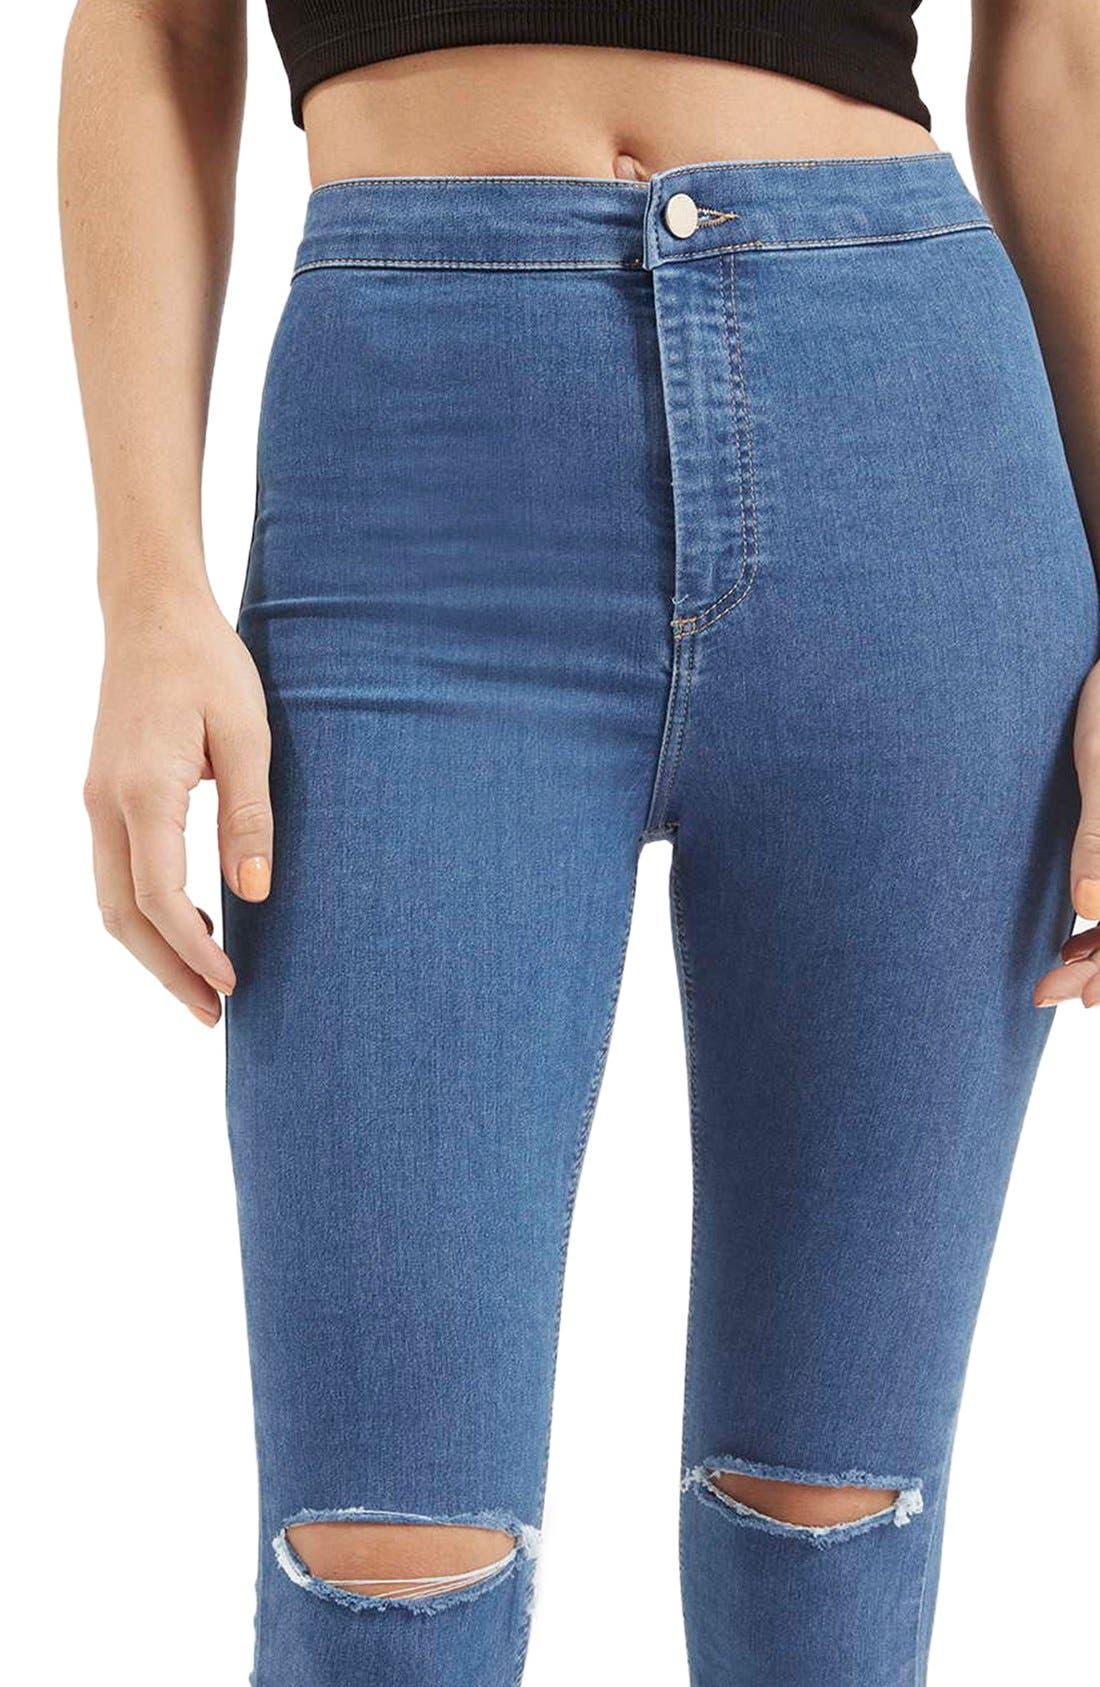 Alternate Image 4  - Topshop 'Joni' RippedHigh Rise Skinny Jeans (Petite)